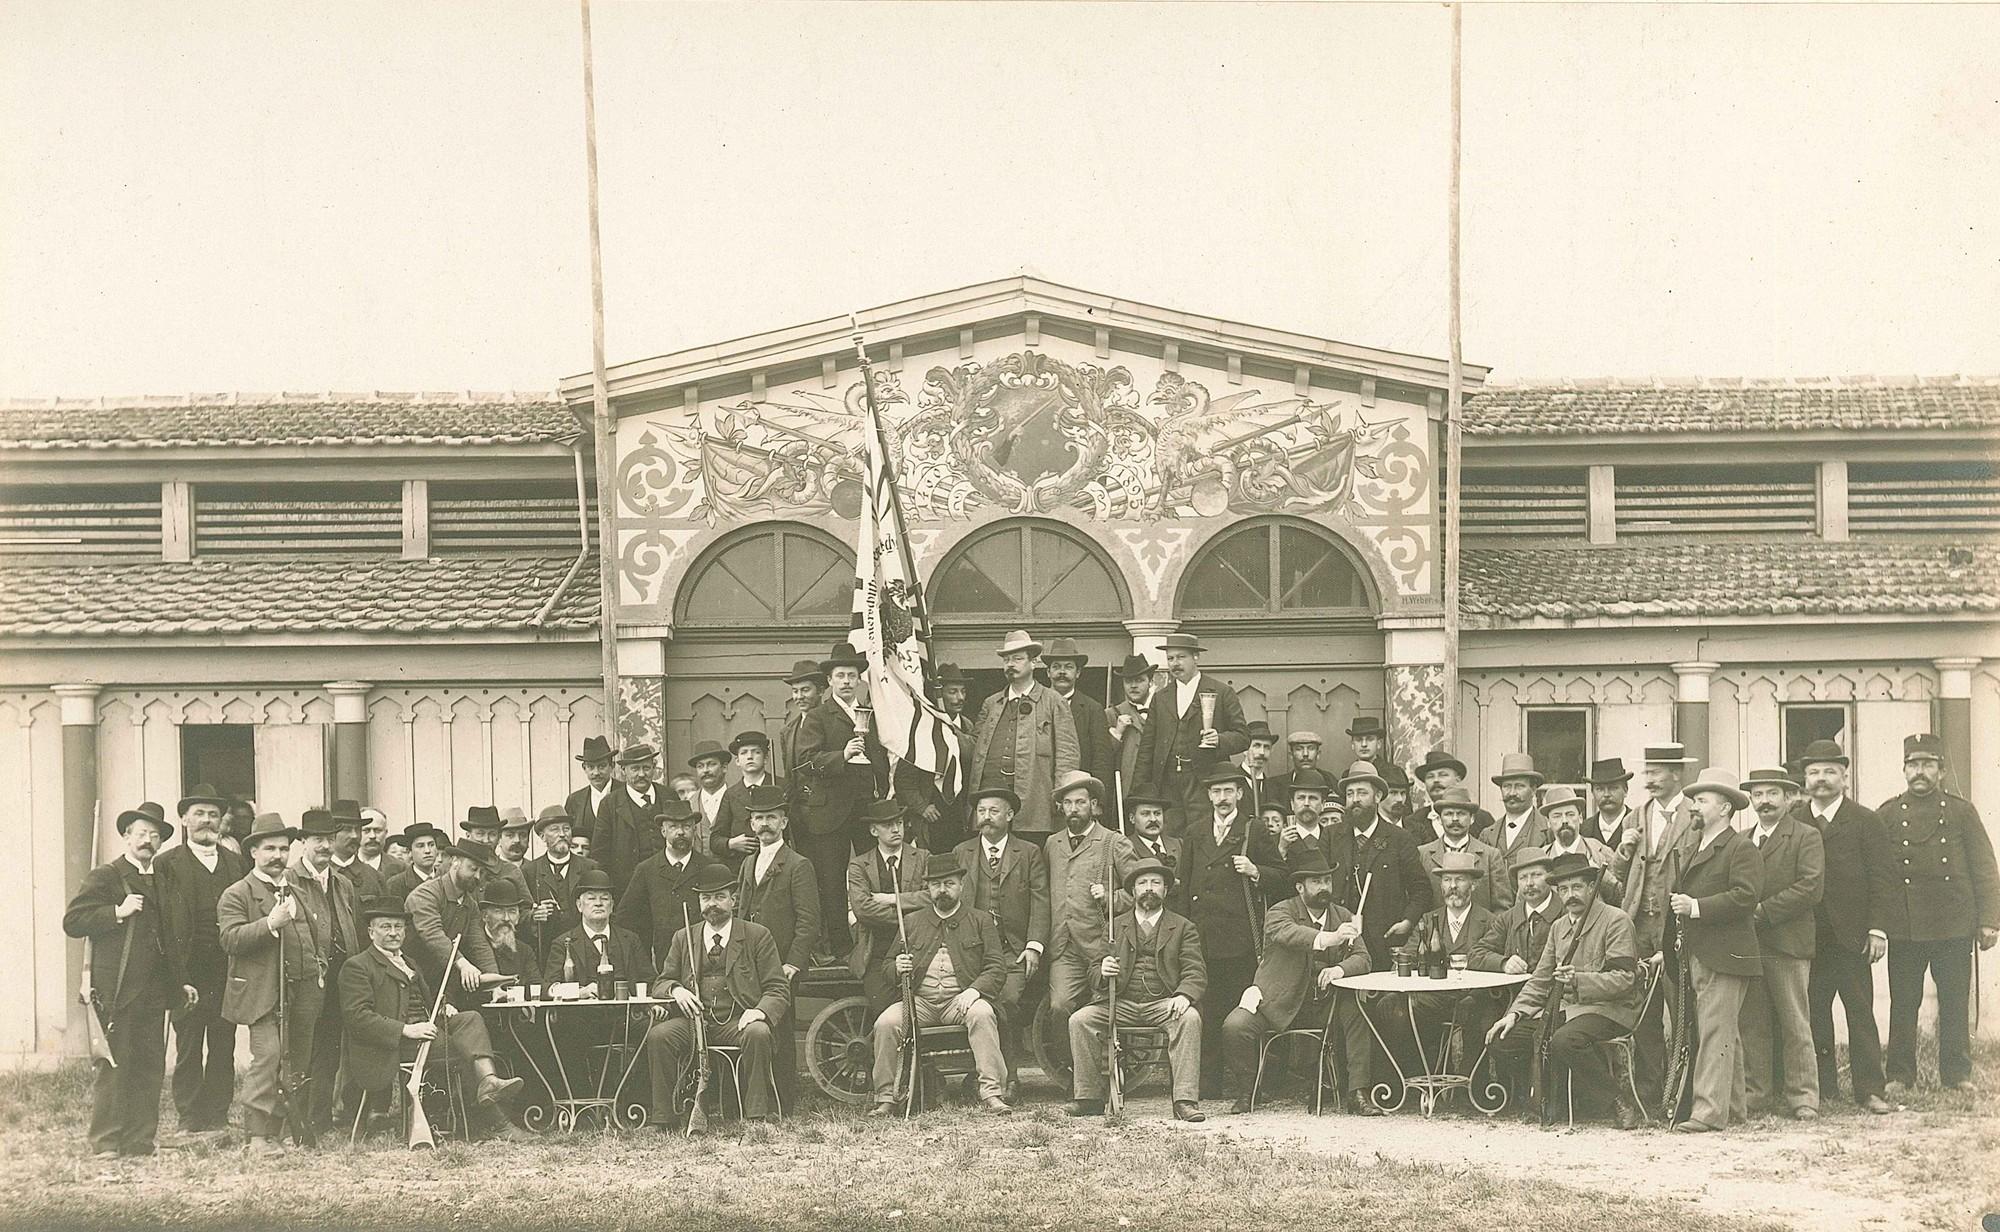 Die Feuerschützen nehmen nach der letzten Schiessübung Abschied von ihrem Schiessstand auf der Schützenmatte 1899